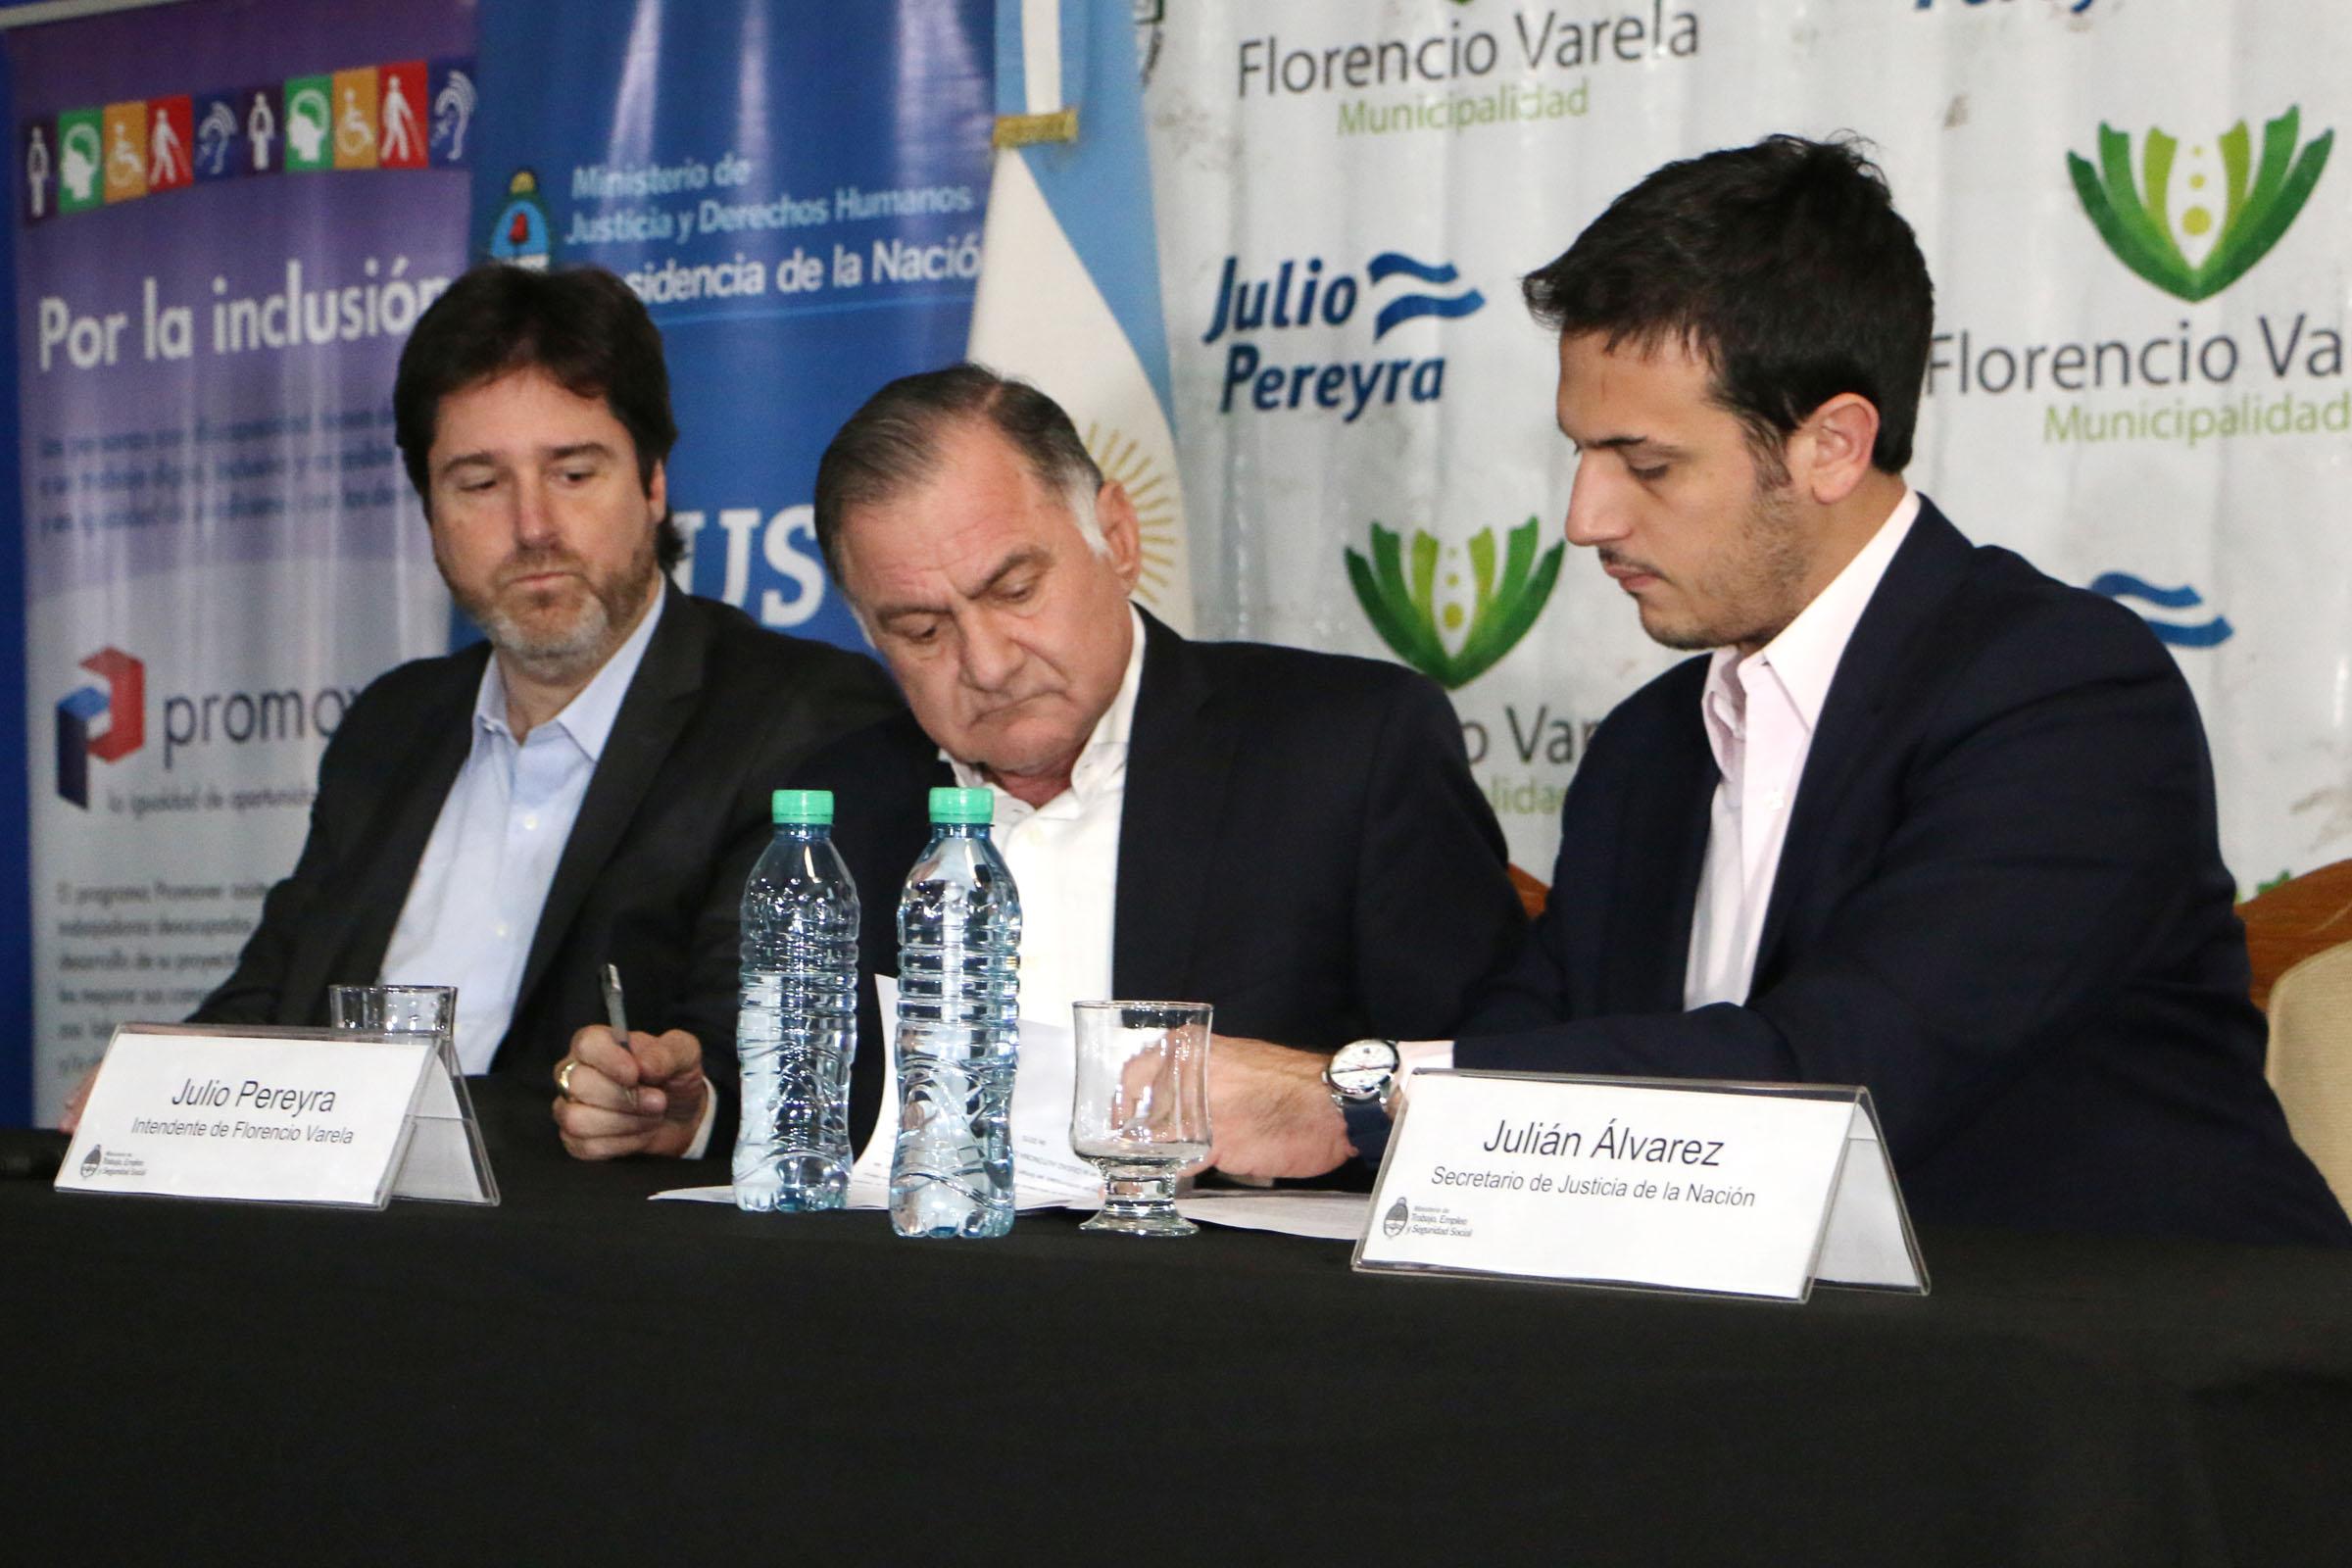 Acuerdo con el Municipio de Florencio Varela para la inclusión laboral de egresados del SPF